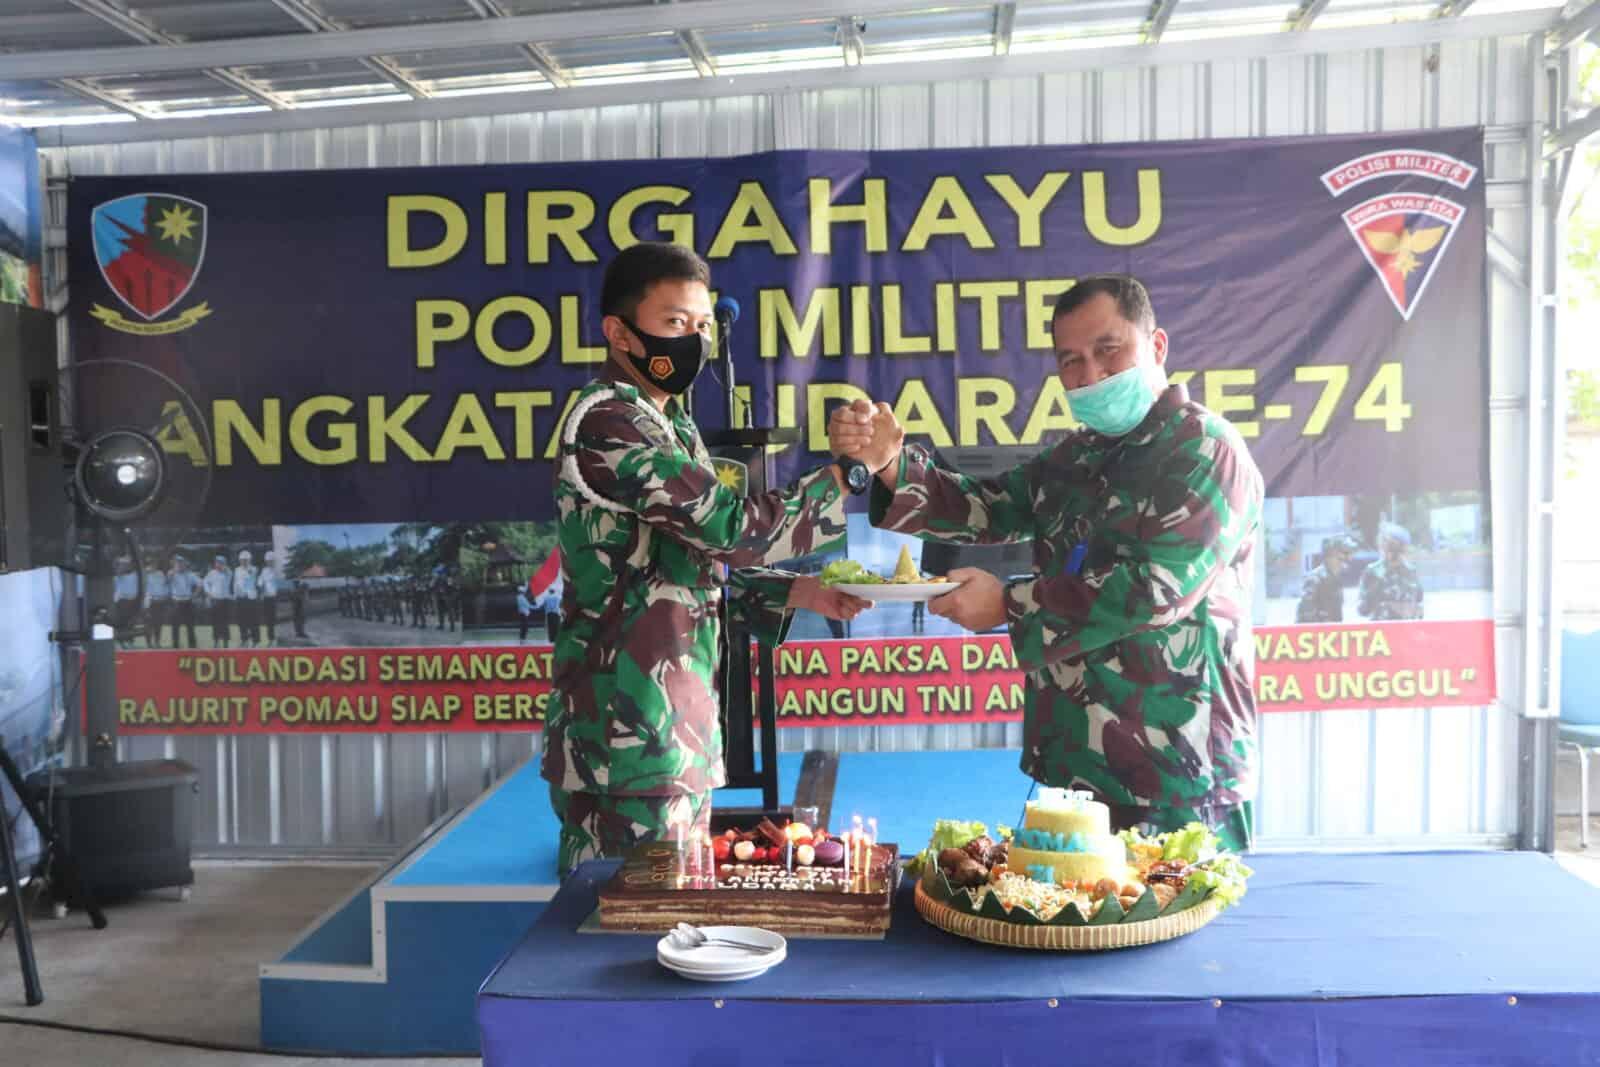 Peringatan HUT Polisi Militer Angkatan Udara ke-74 Di Lanud I Gusti Ngurah Rai